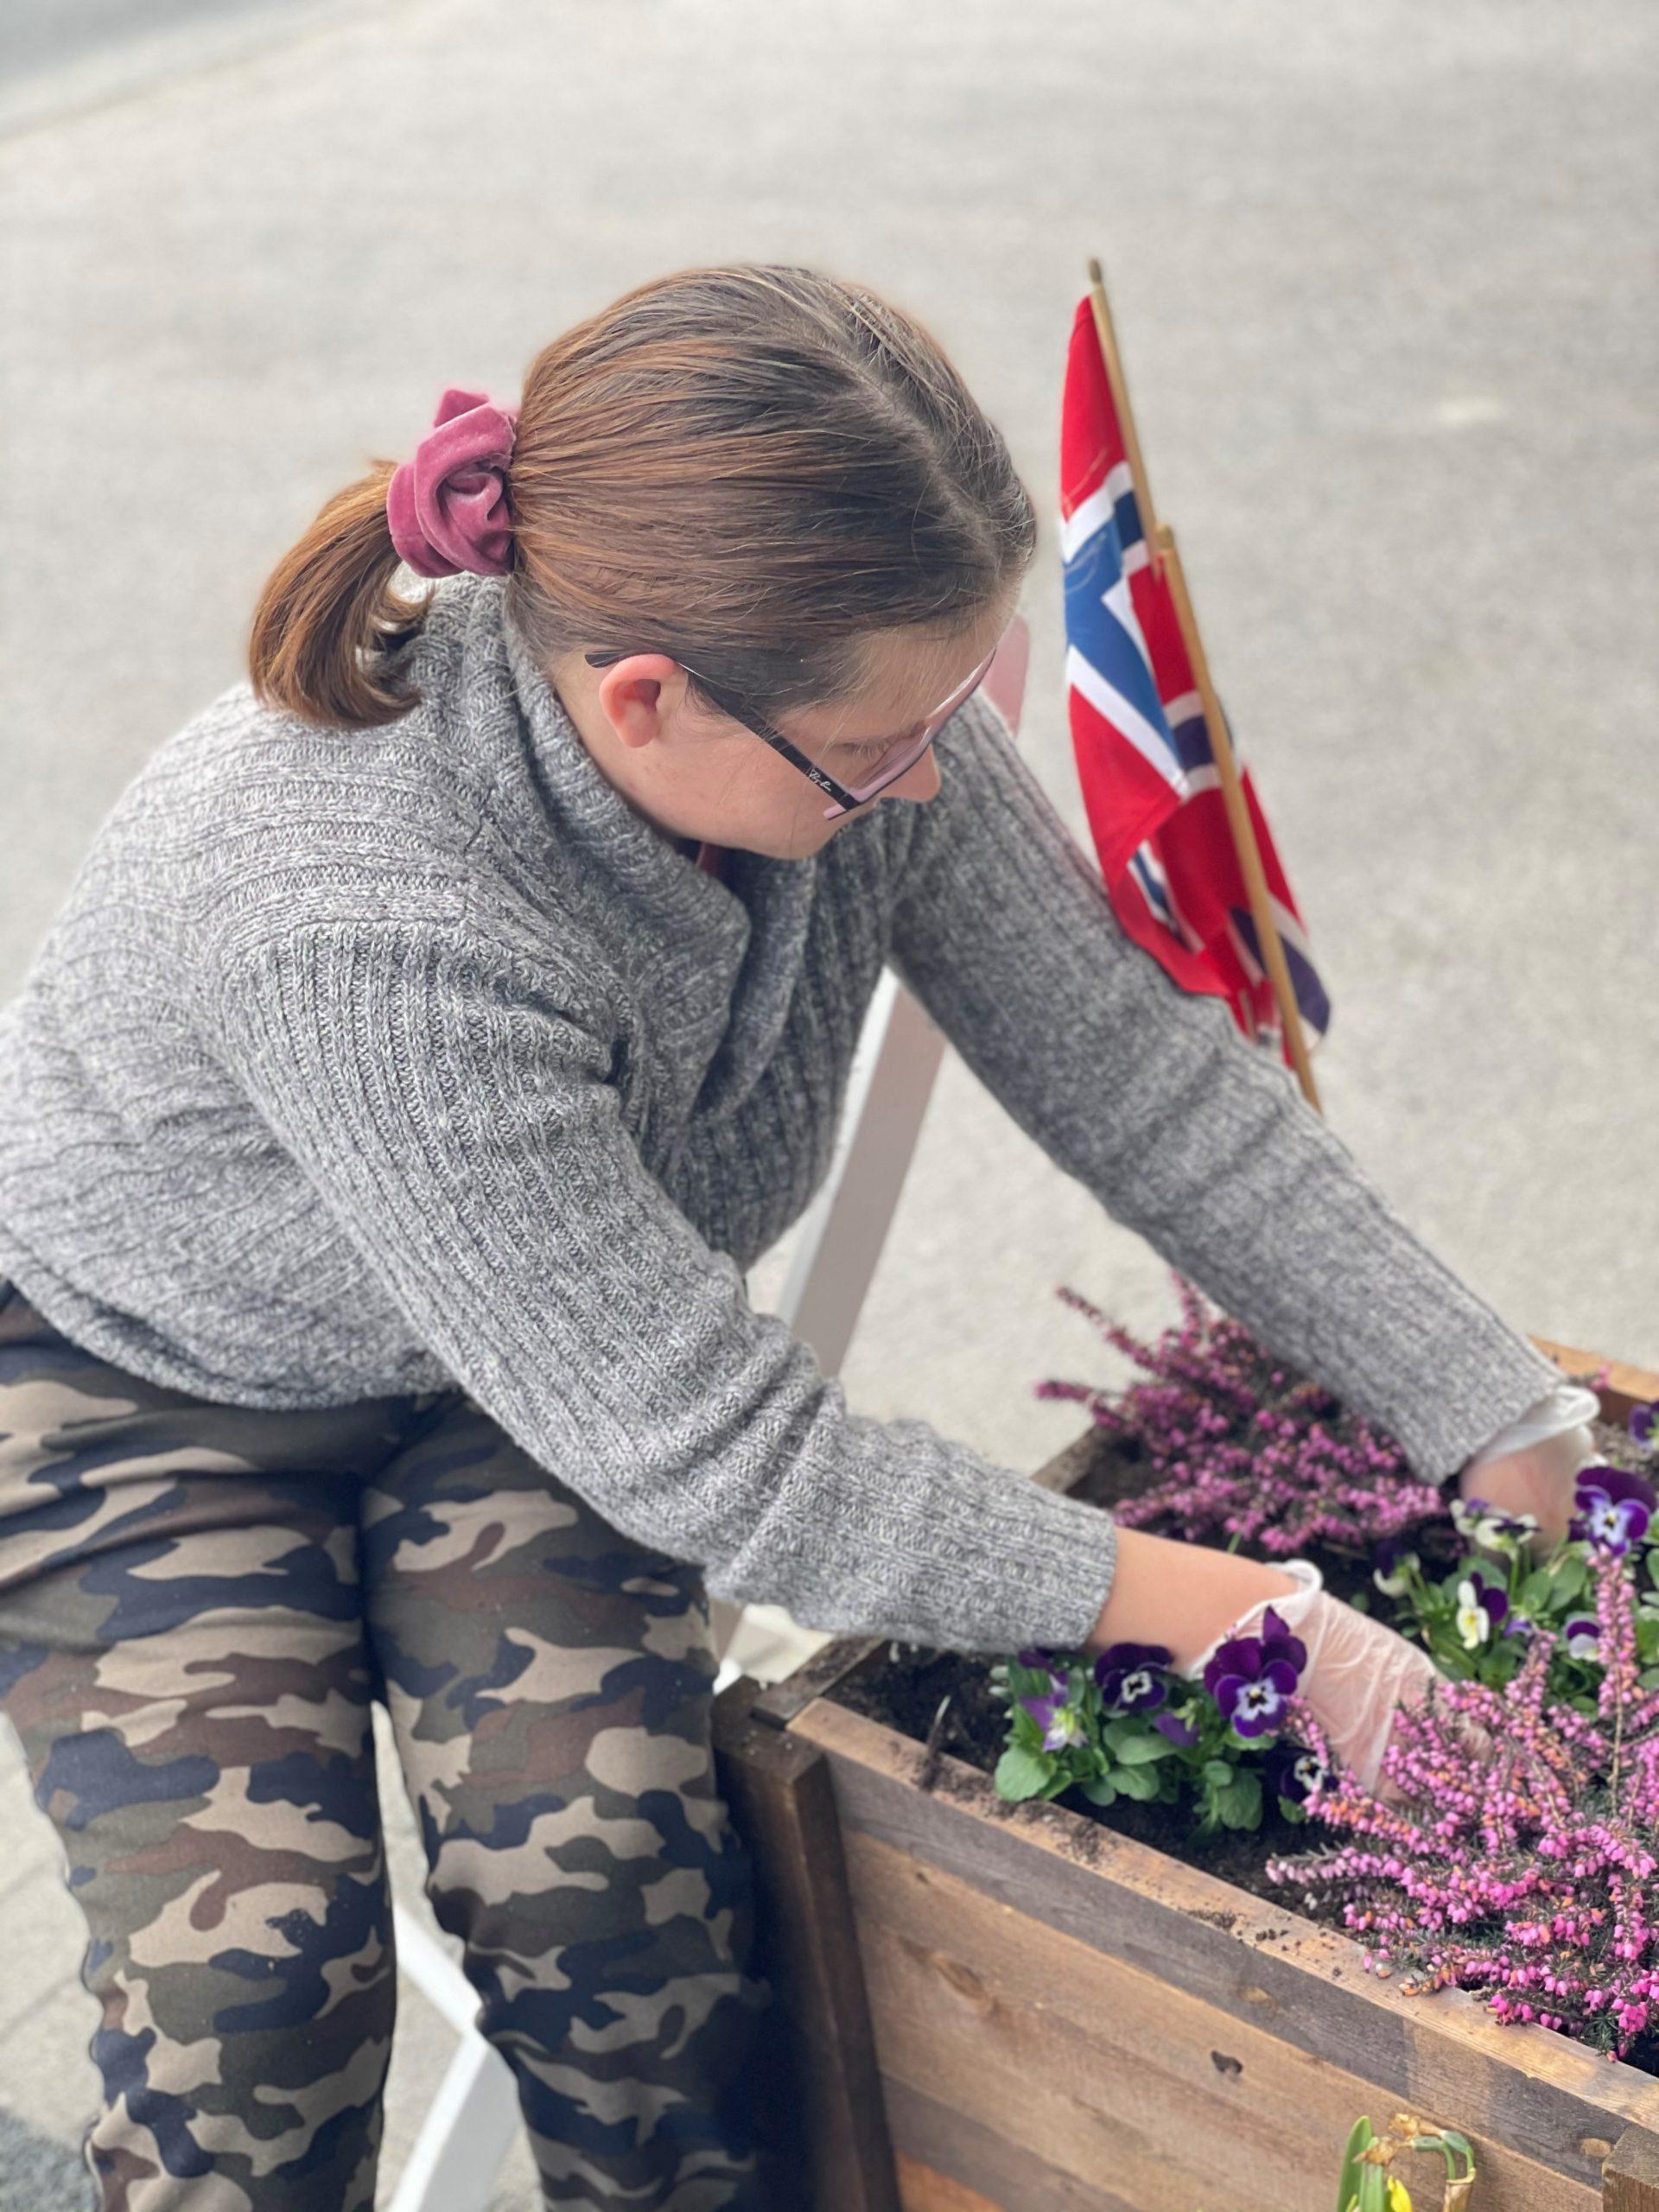 En jente planter i kasse